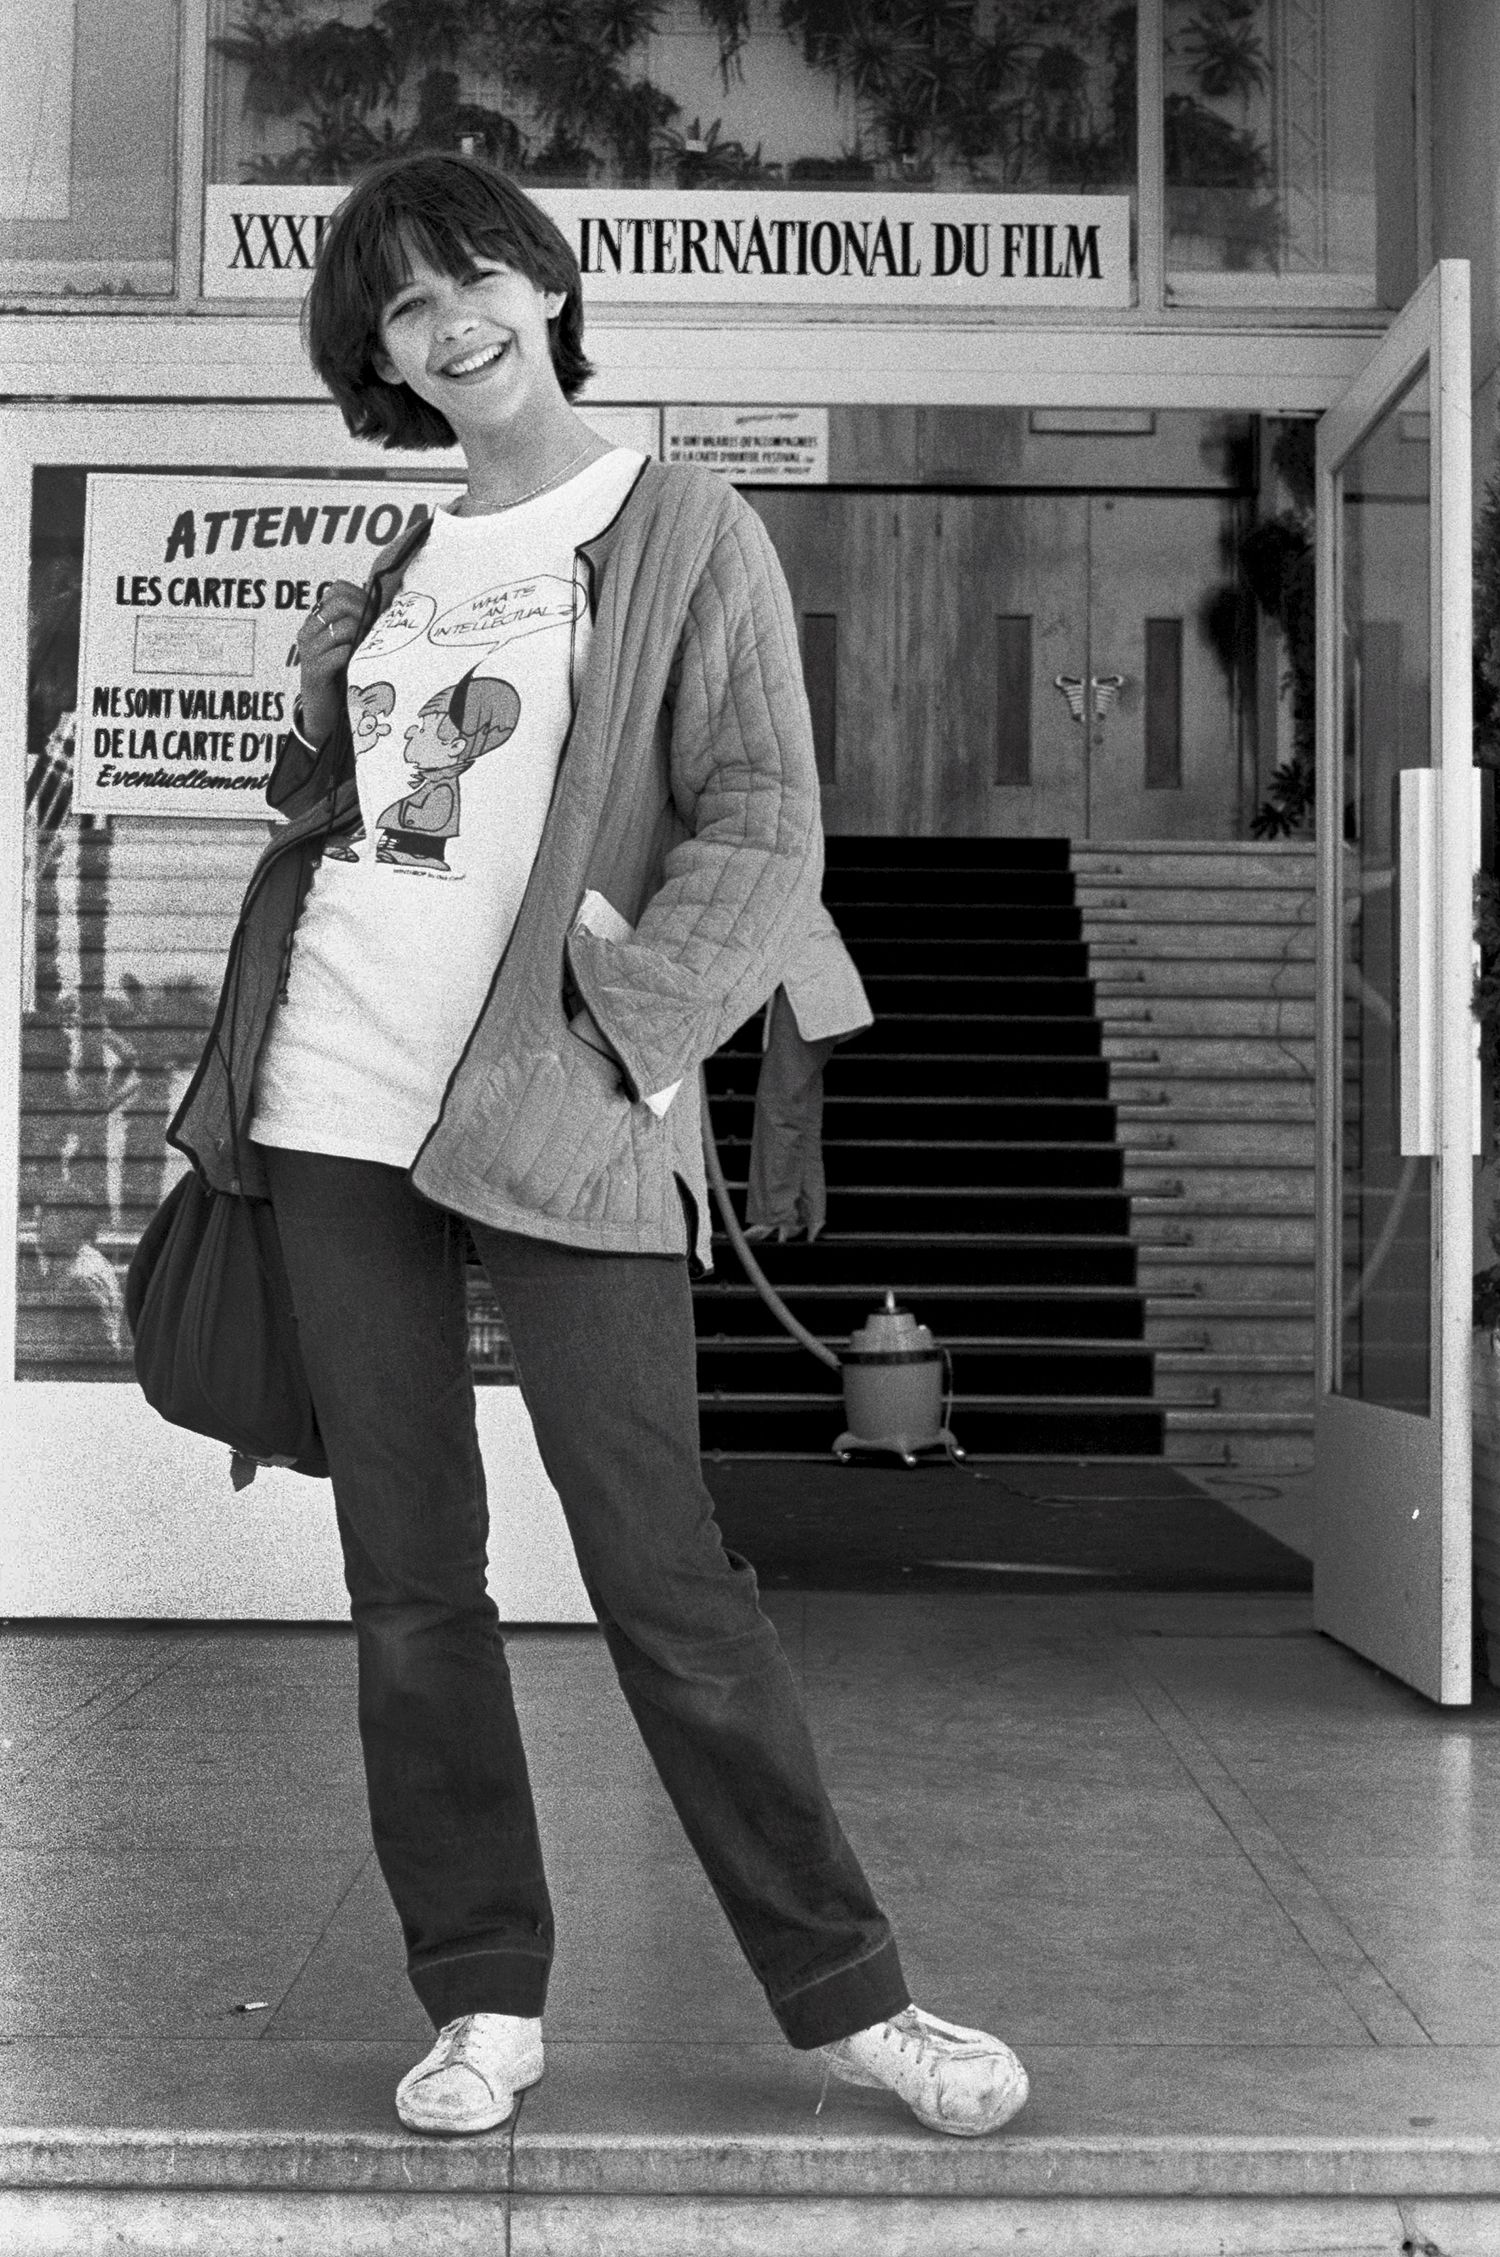 1981 sophie marceau a 15 ans c 39 est la premi re fois qu 39 elle vient au festival de cannes le. Black Bedroom Furniture Sets. Home Design Ideas